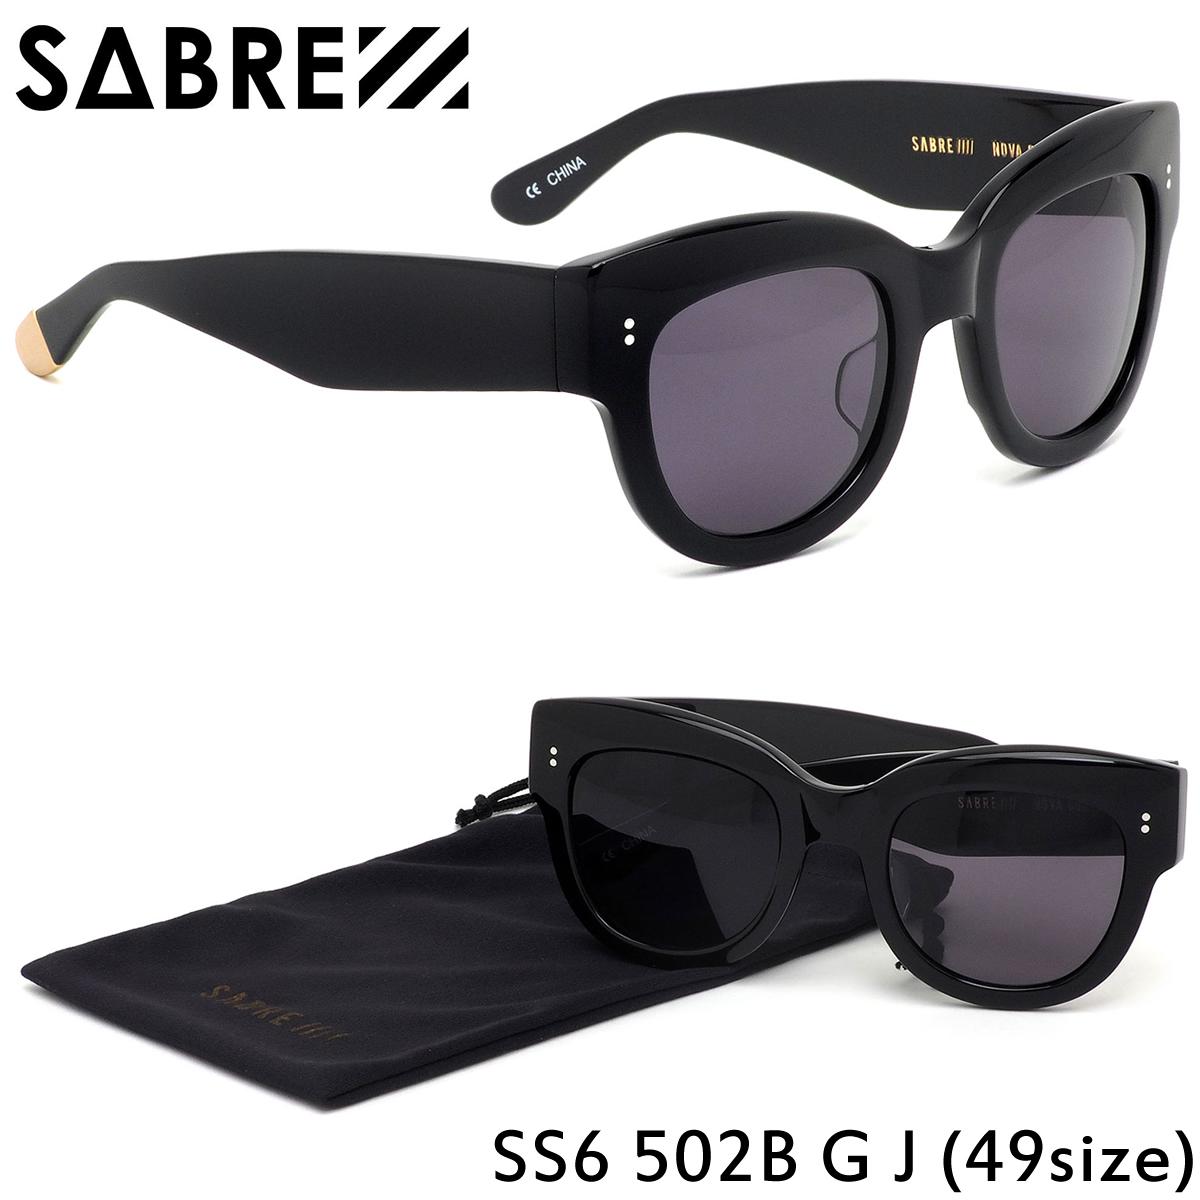 ポイント最大33倍 セイバー SABRE サングラスSS6-502 B-G-J 49サイズNOVA ノヴァ ブラック ボリューム セイバー SABRE メンズ レディース